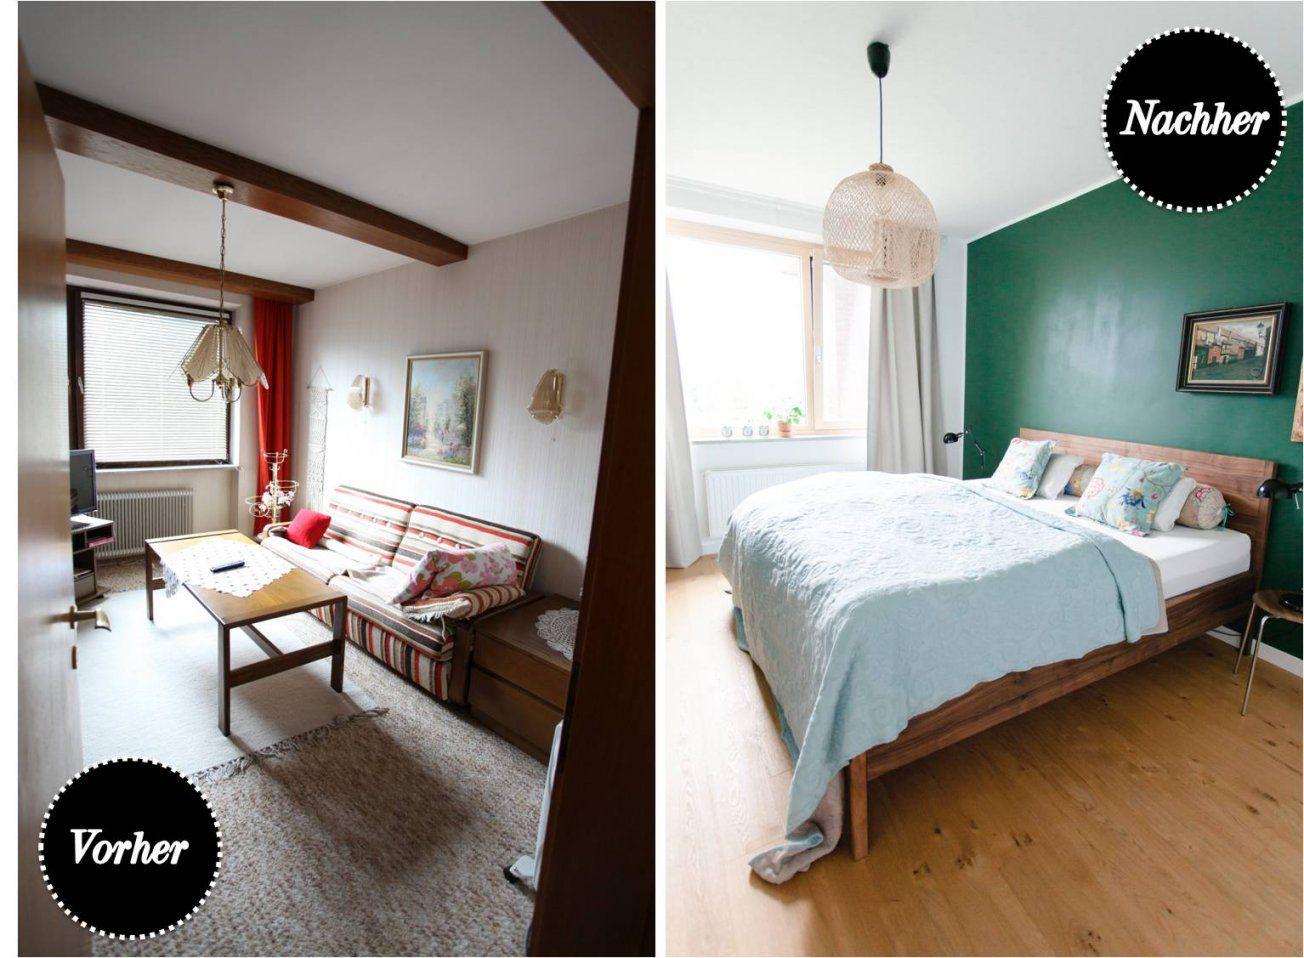 Schlafzimmer renovieren vorher nachher haus design ideen - Schlafzimmer renovieren ideen ...